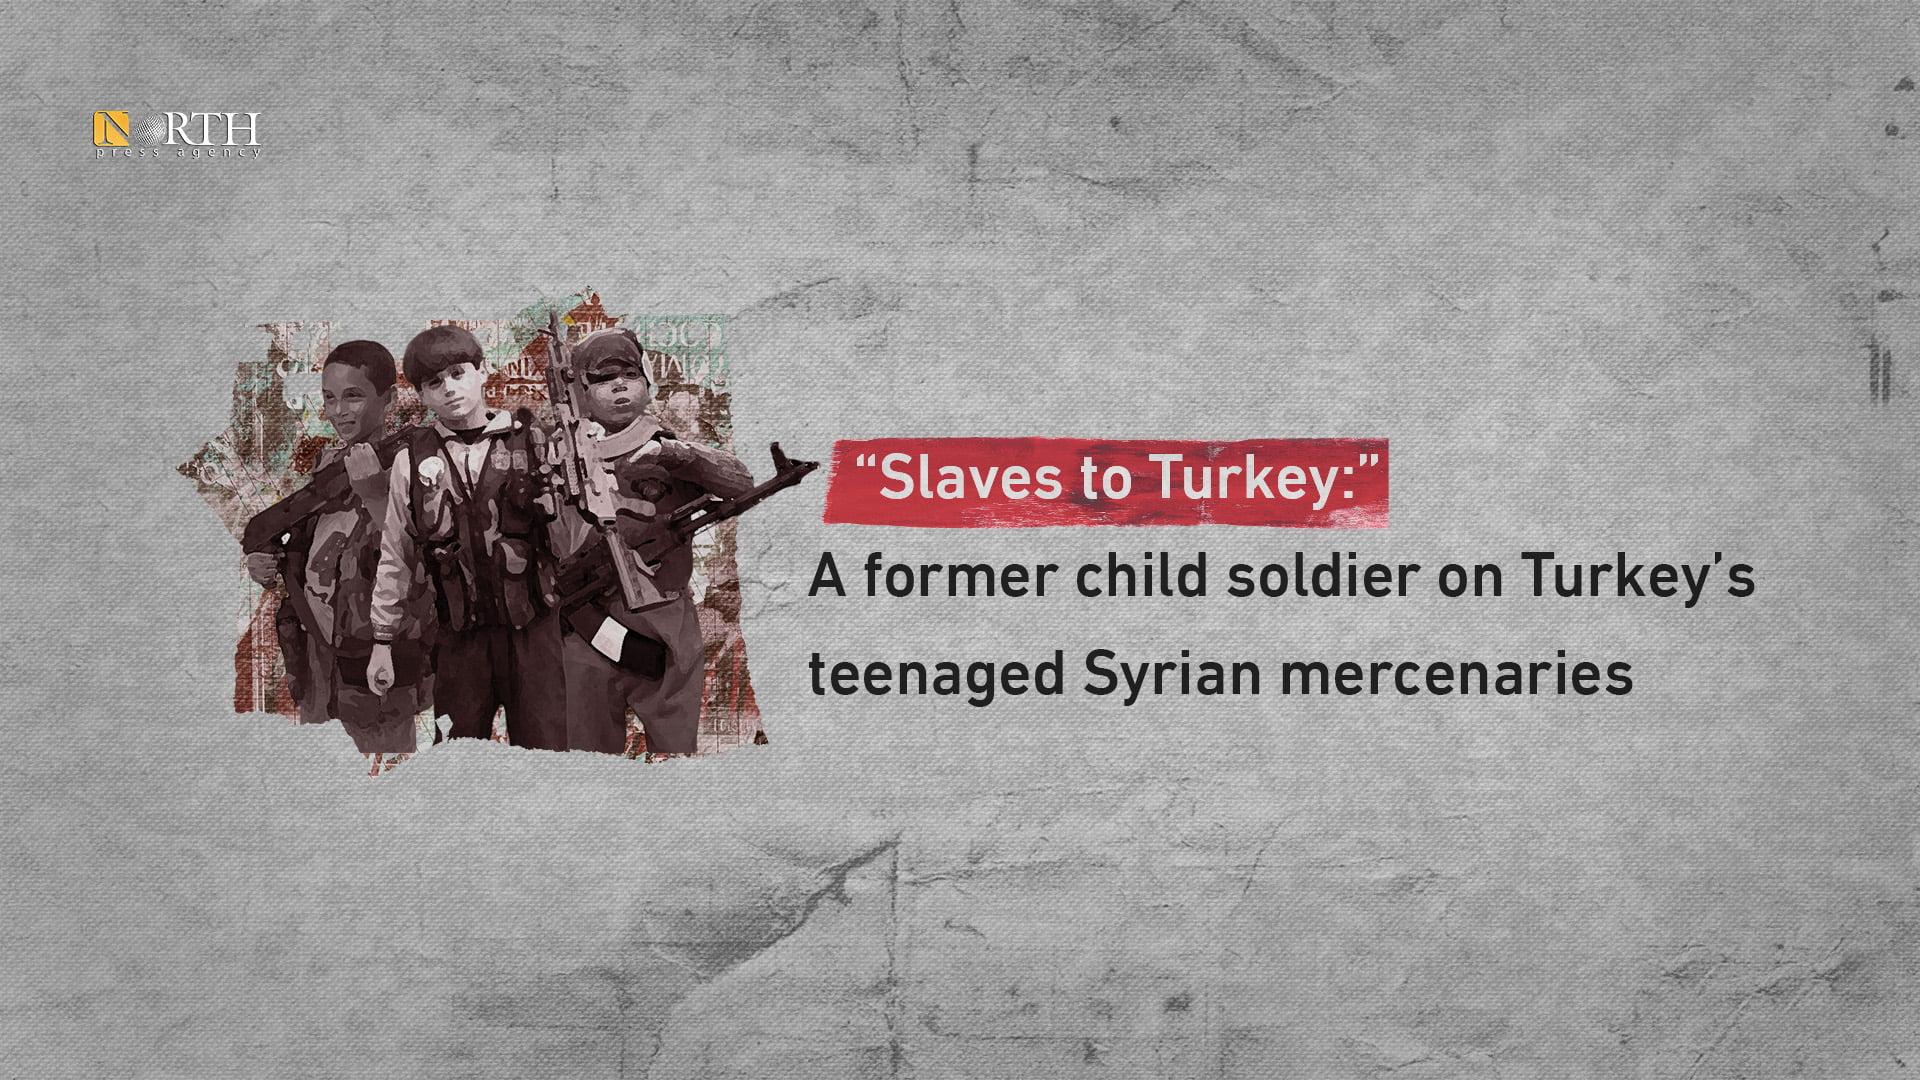 """""""Σκλάβοι της Τουρκίας"""": Η Τουρκία στρατολογεί ανηλίκους και τους στέλνει στα πεδία των μαχών"""